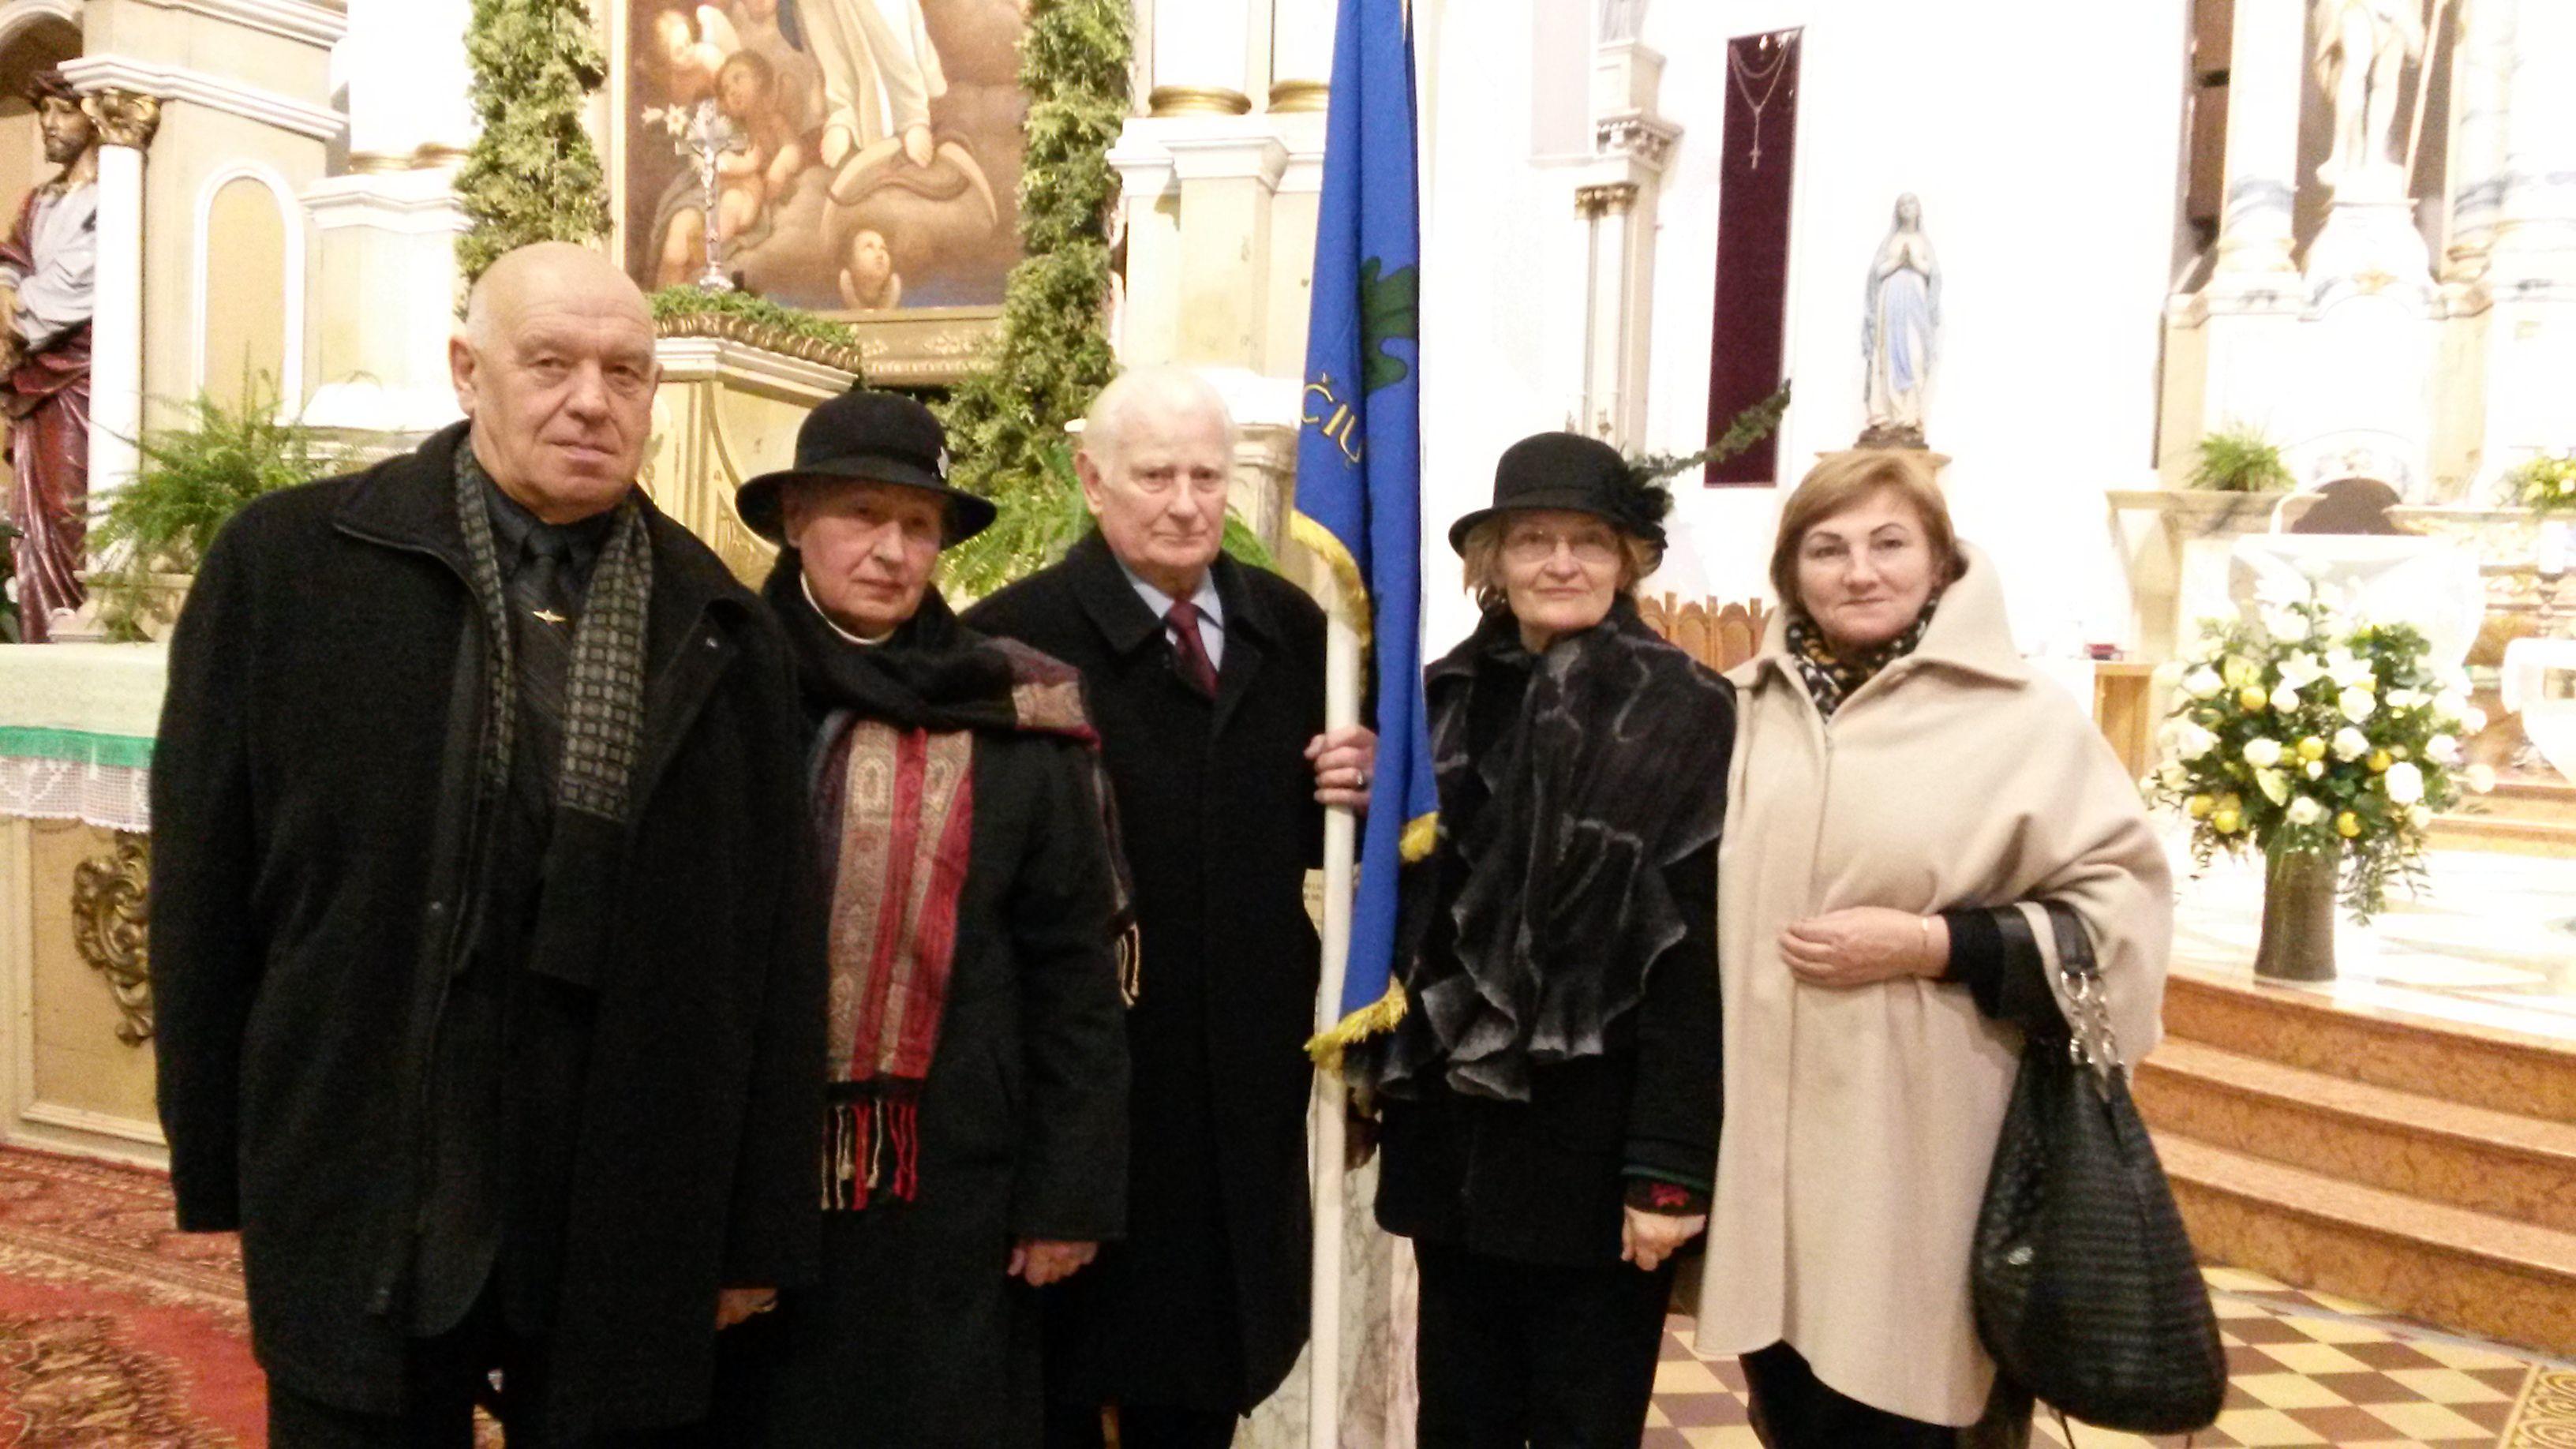 iš kairės į dešinę S.Kasparavičius, L. Vaitkevičienė. A. Vaitkevičius, R.Chmieliauskienė, S.Jokšienė